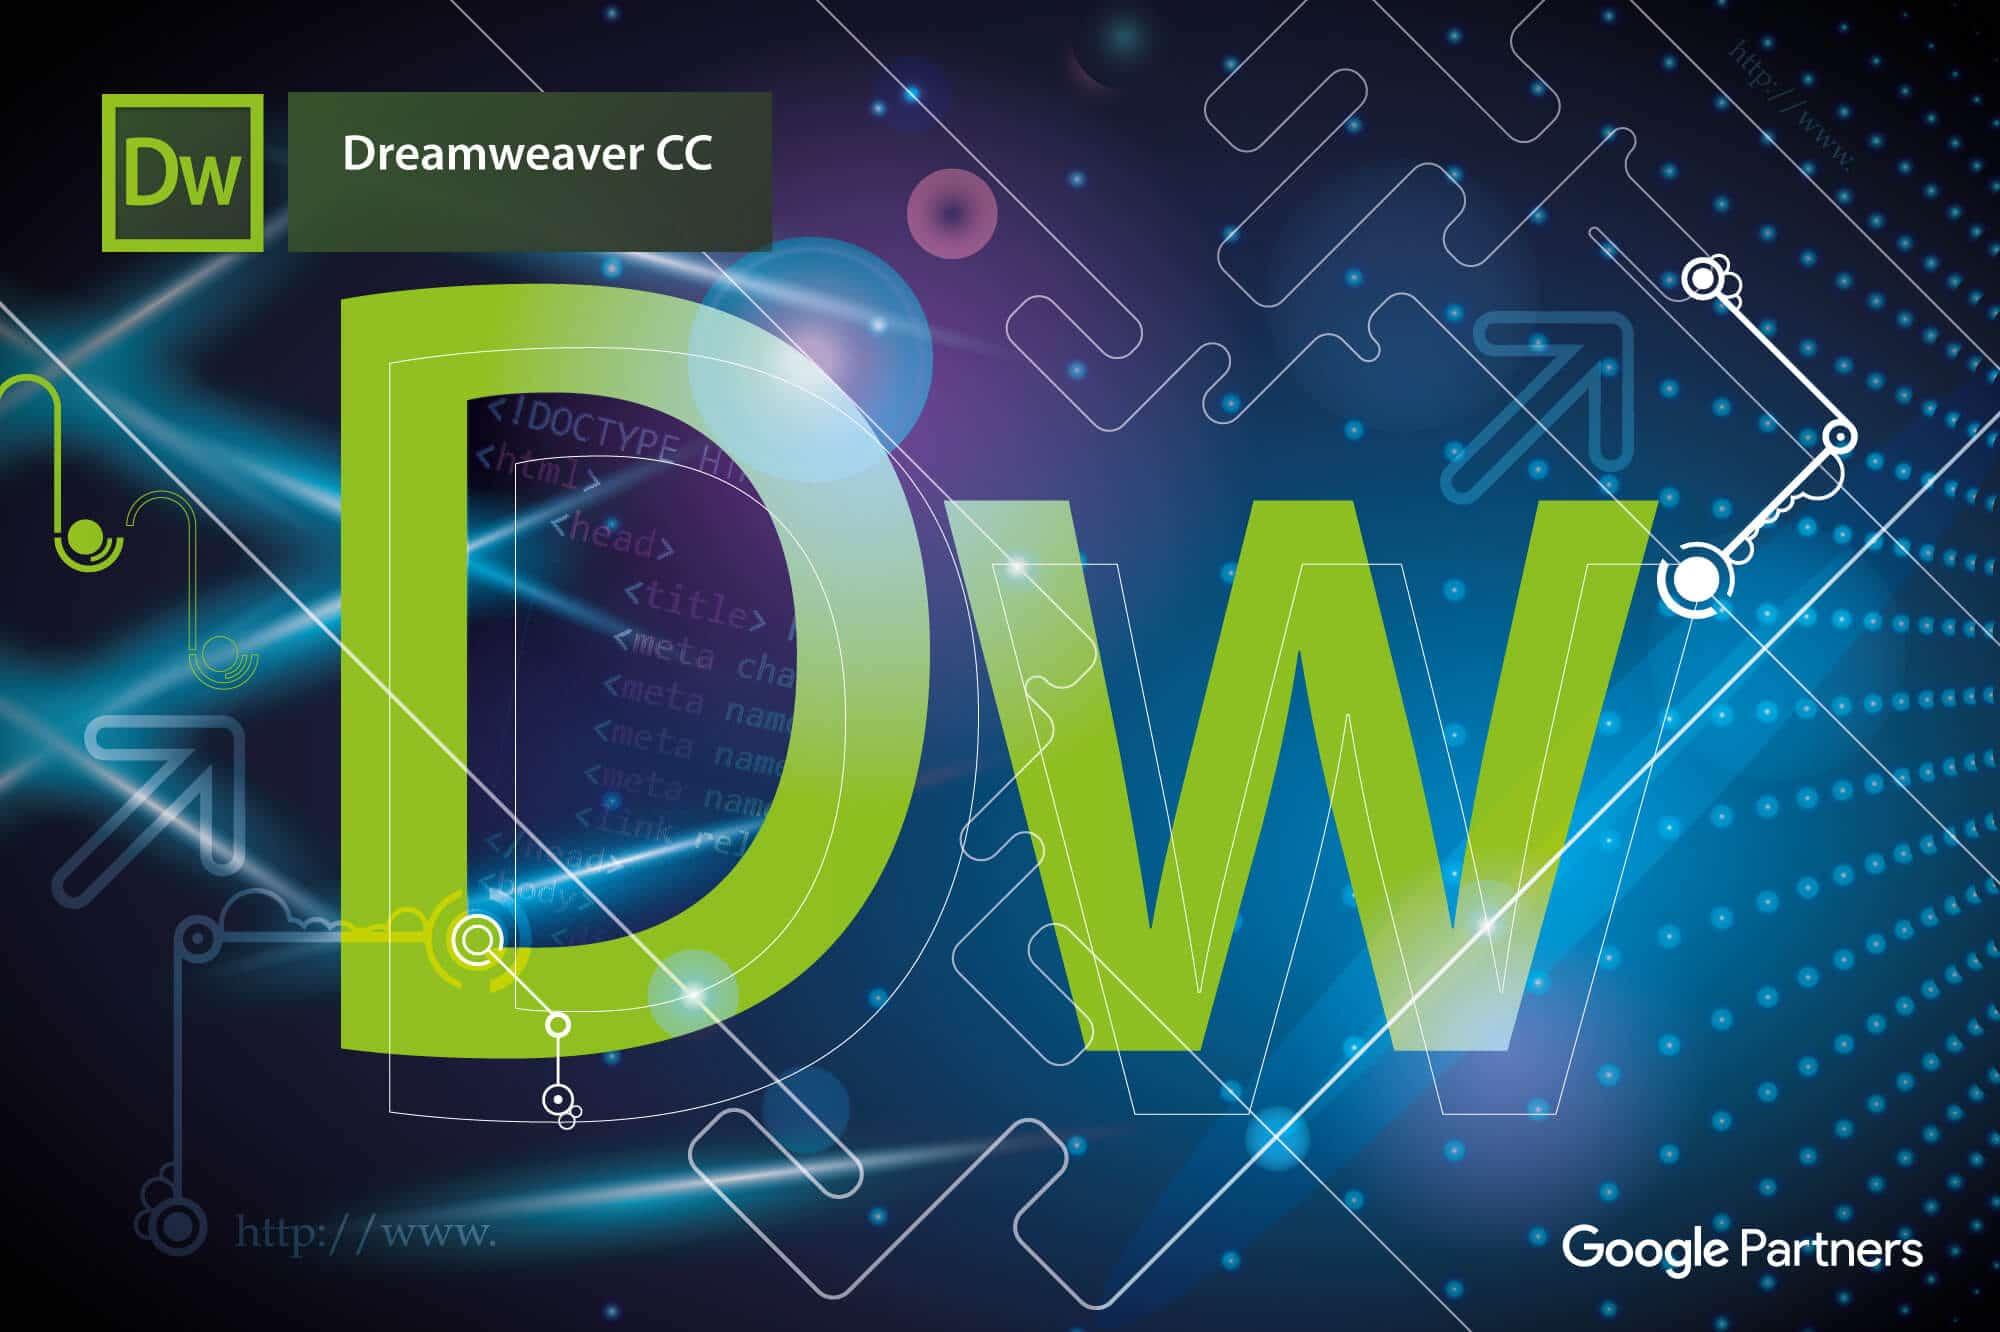 Dreamweaver-2000x1332